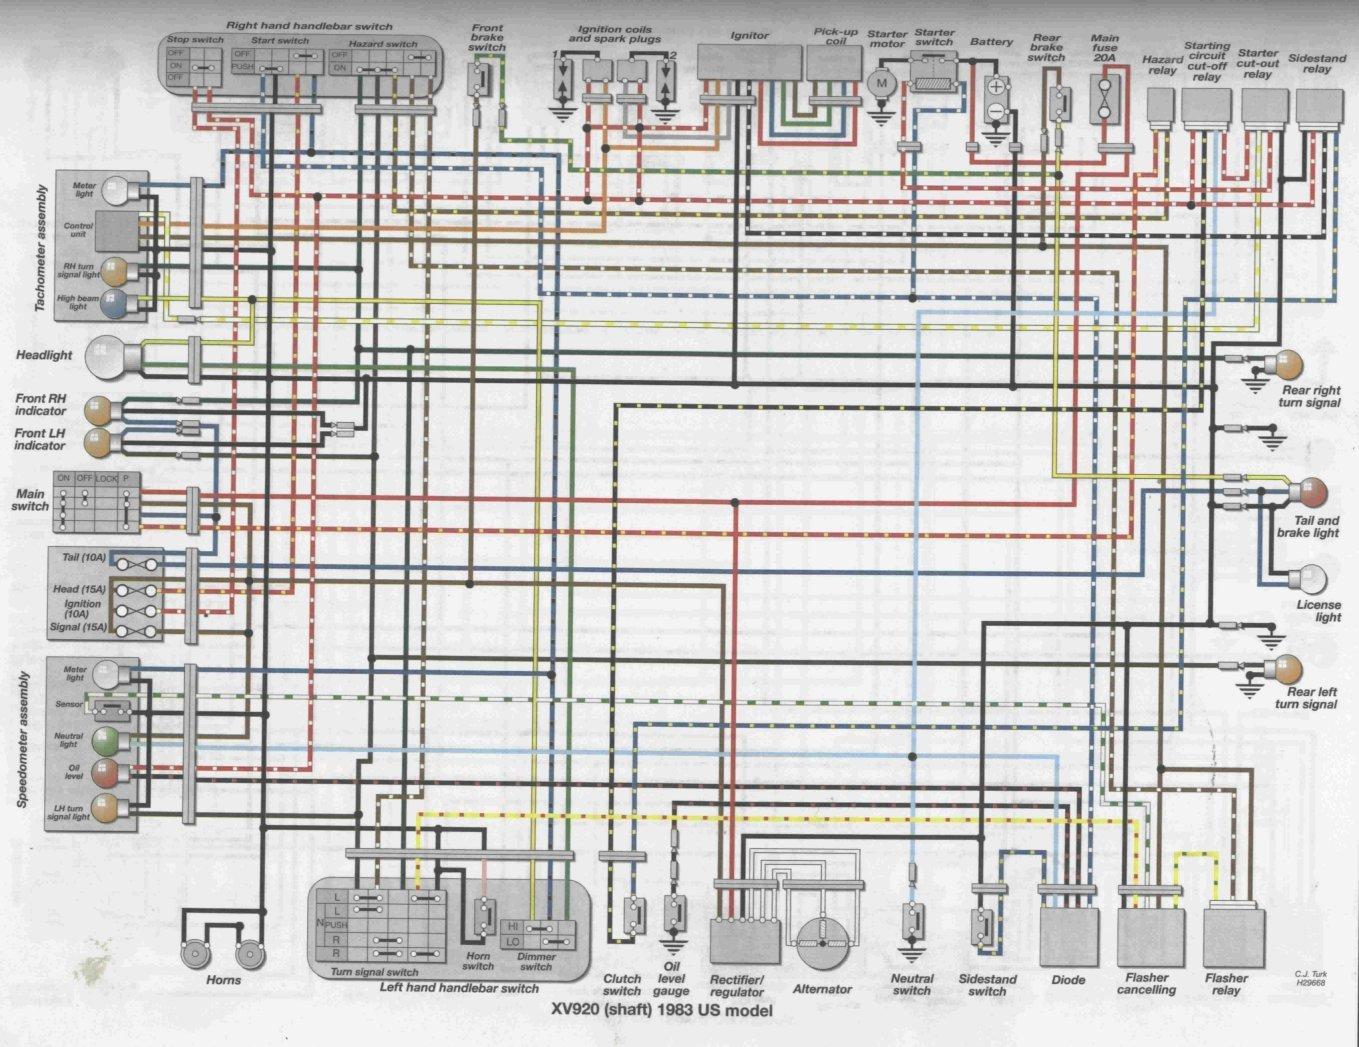 LY_9690] Virago 535 Wiring Schematic Free Download Wiring Diagram Schematic  Download DiagramUmng Omen Apan Mohammedshrine Librar Wiring 101